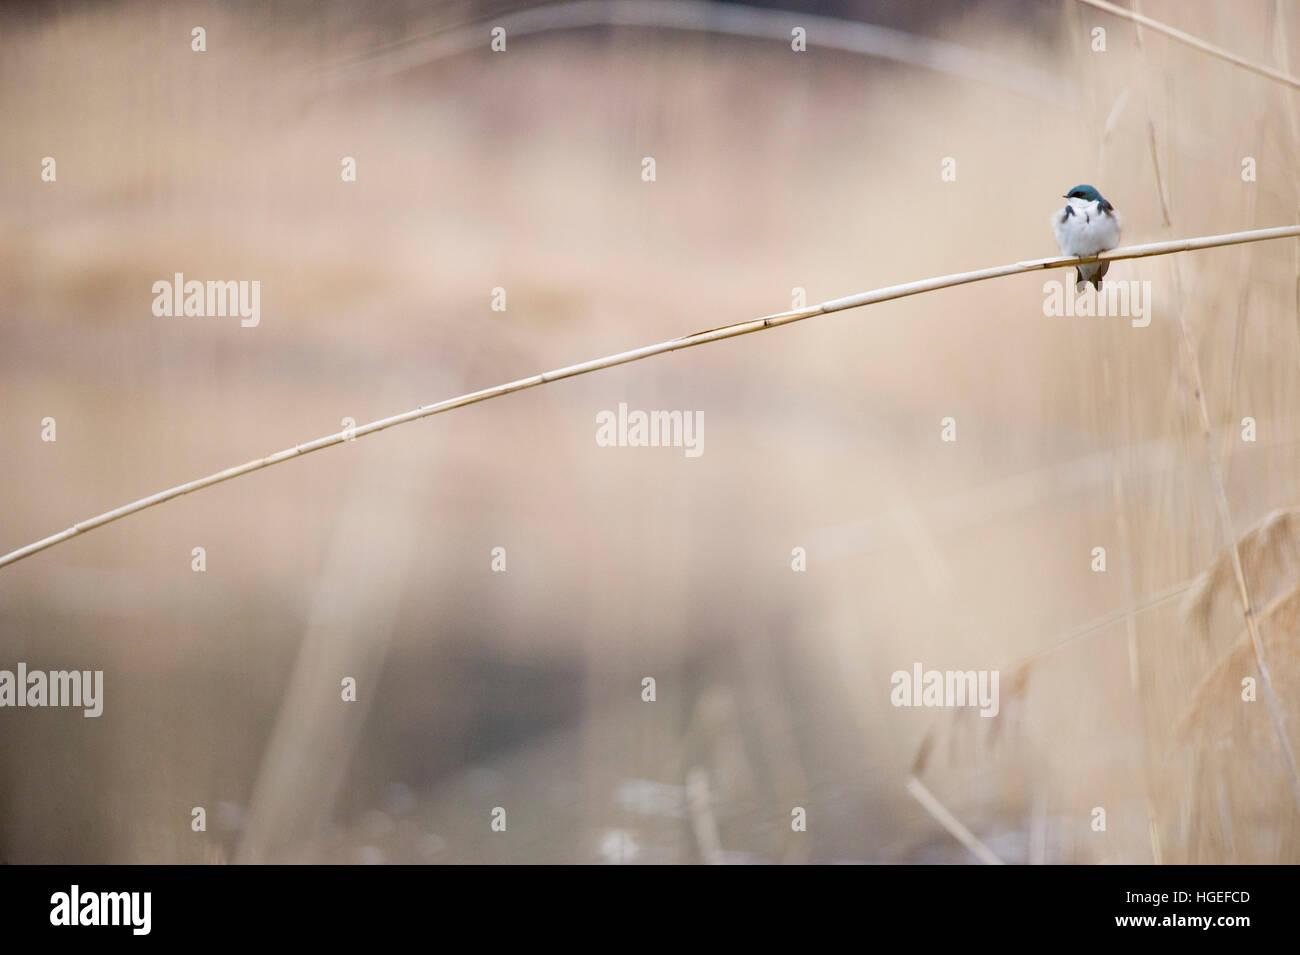 Un árbol diminuto tragar perchas en un doblado Phragmite reed en un día nublado. Imagen De Stock